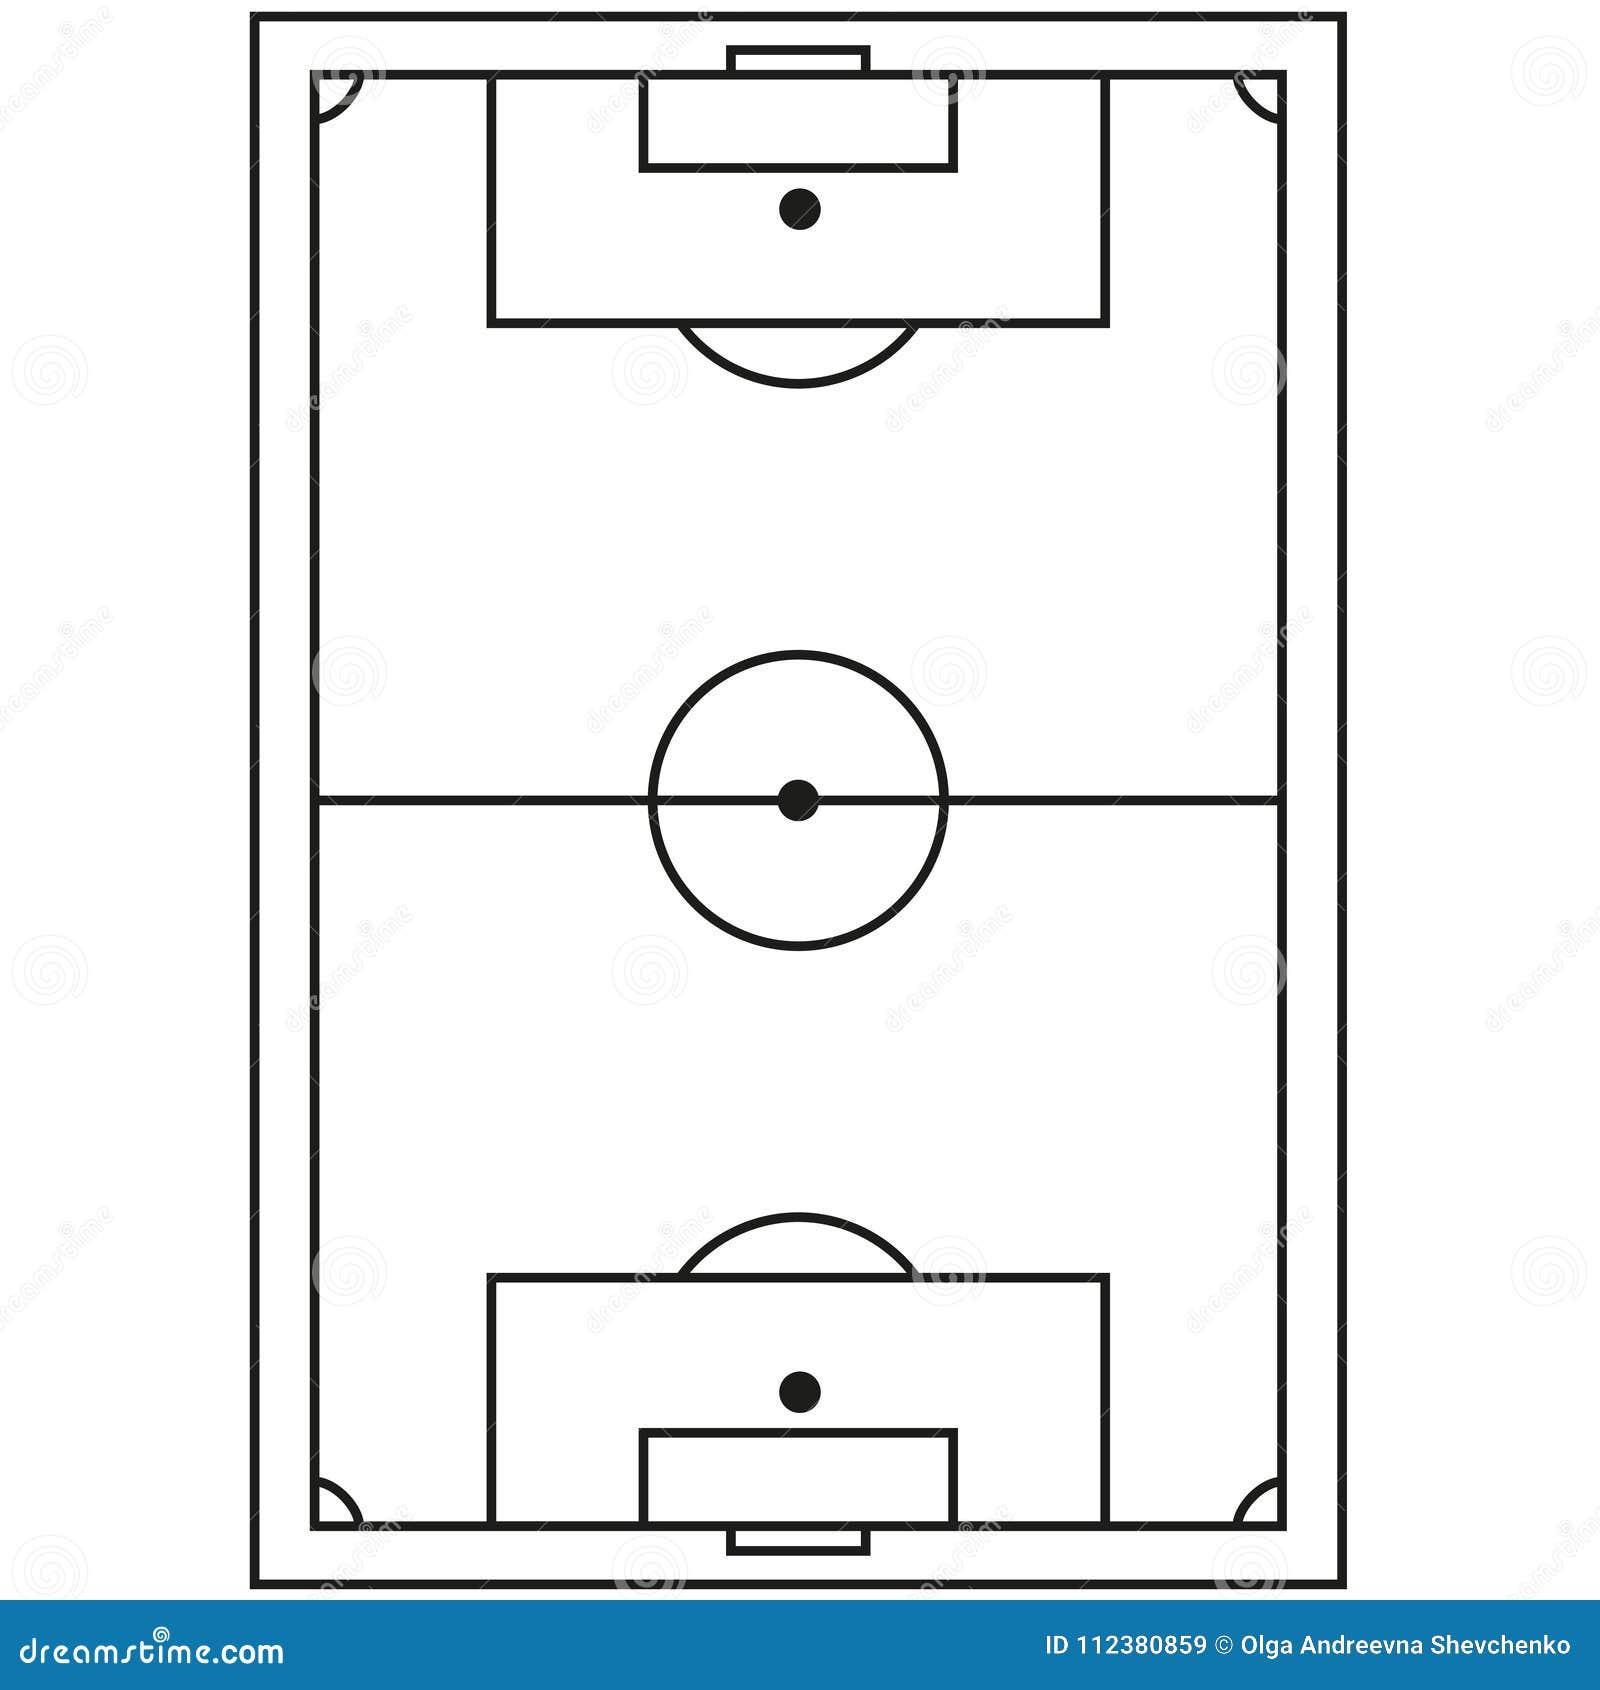 Coloriage Terrain De Foot.Icone Noire Et Blanche De Terrain De Football De Schema Illustration